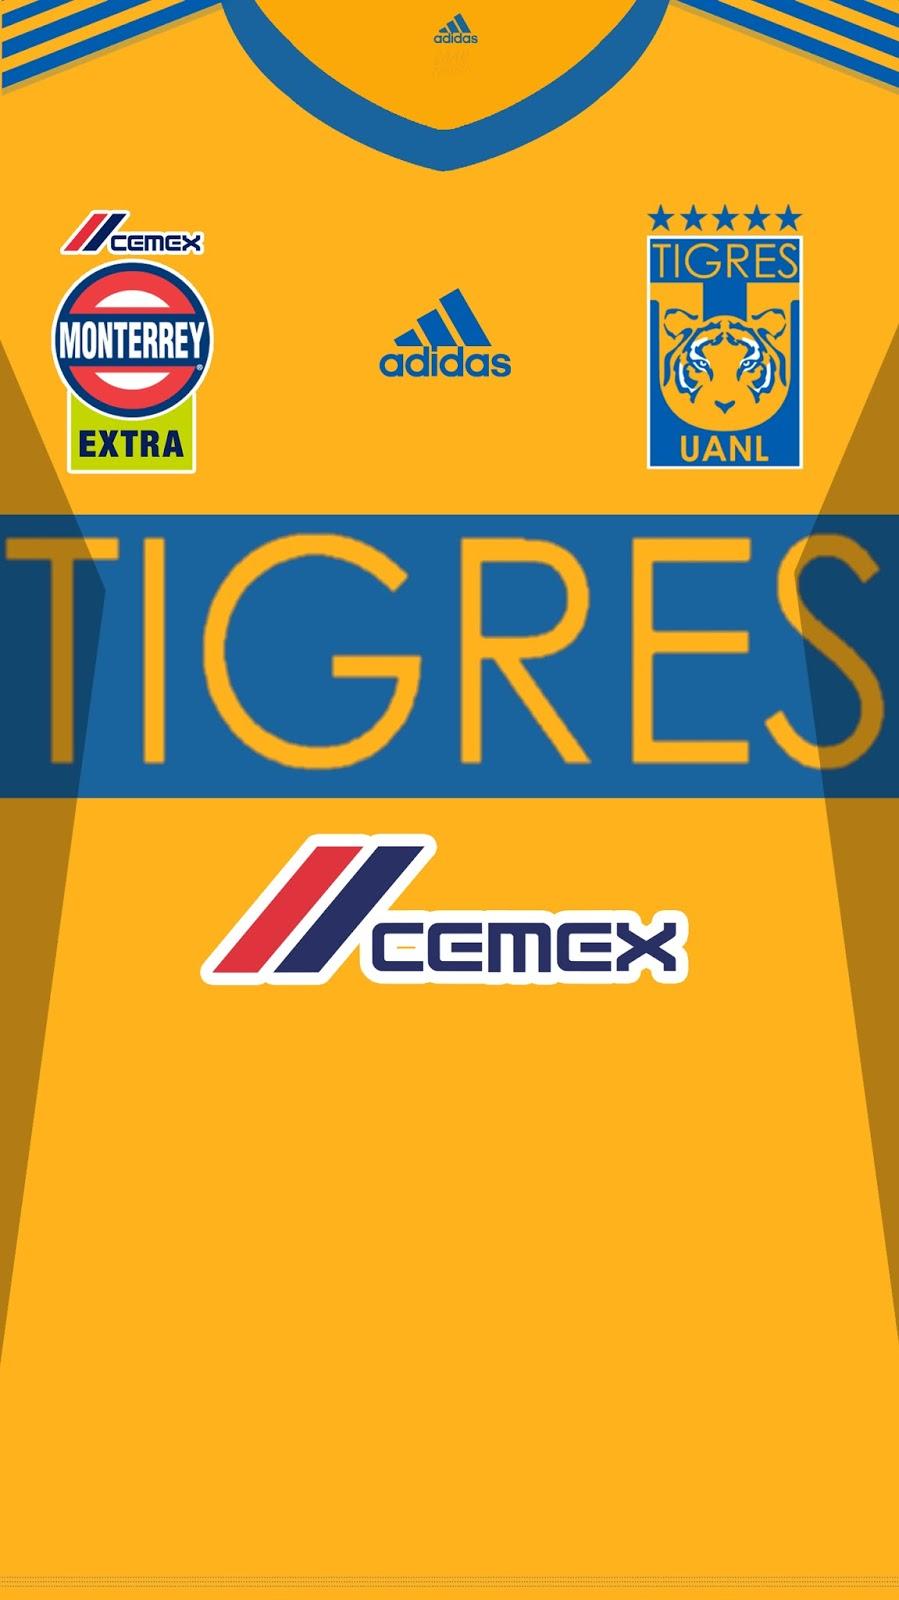 Wallpaper Jersey Club De Fútbol Tigres De La Universidad Autónoma De